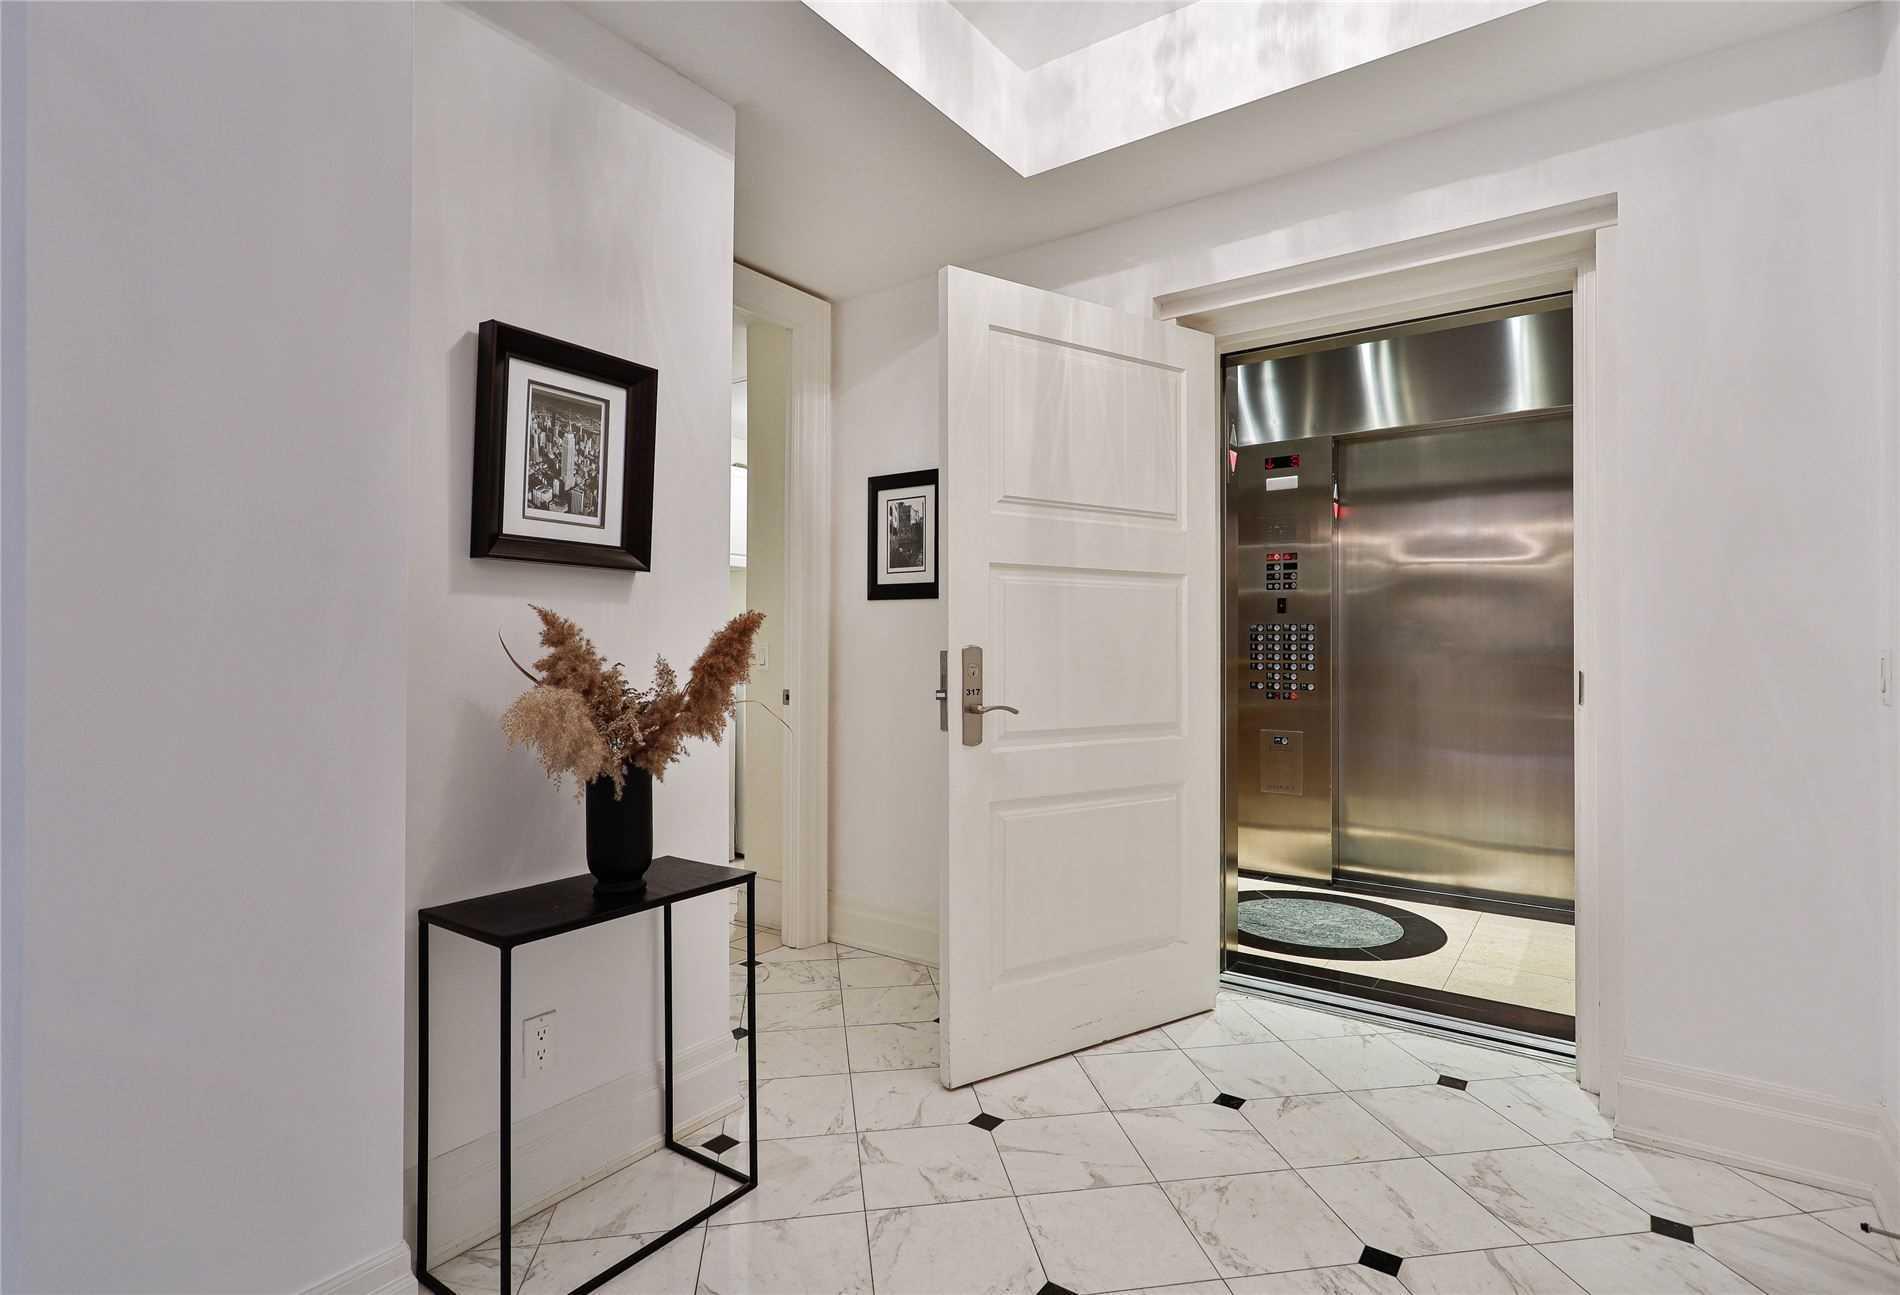 317 - 2095 Lake Shore Blvd W - Mimico Condo Apt for sale, 2 Bedrooms (W5369727) - #5